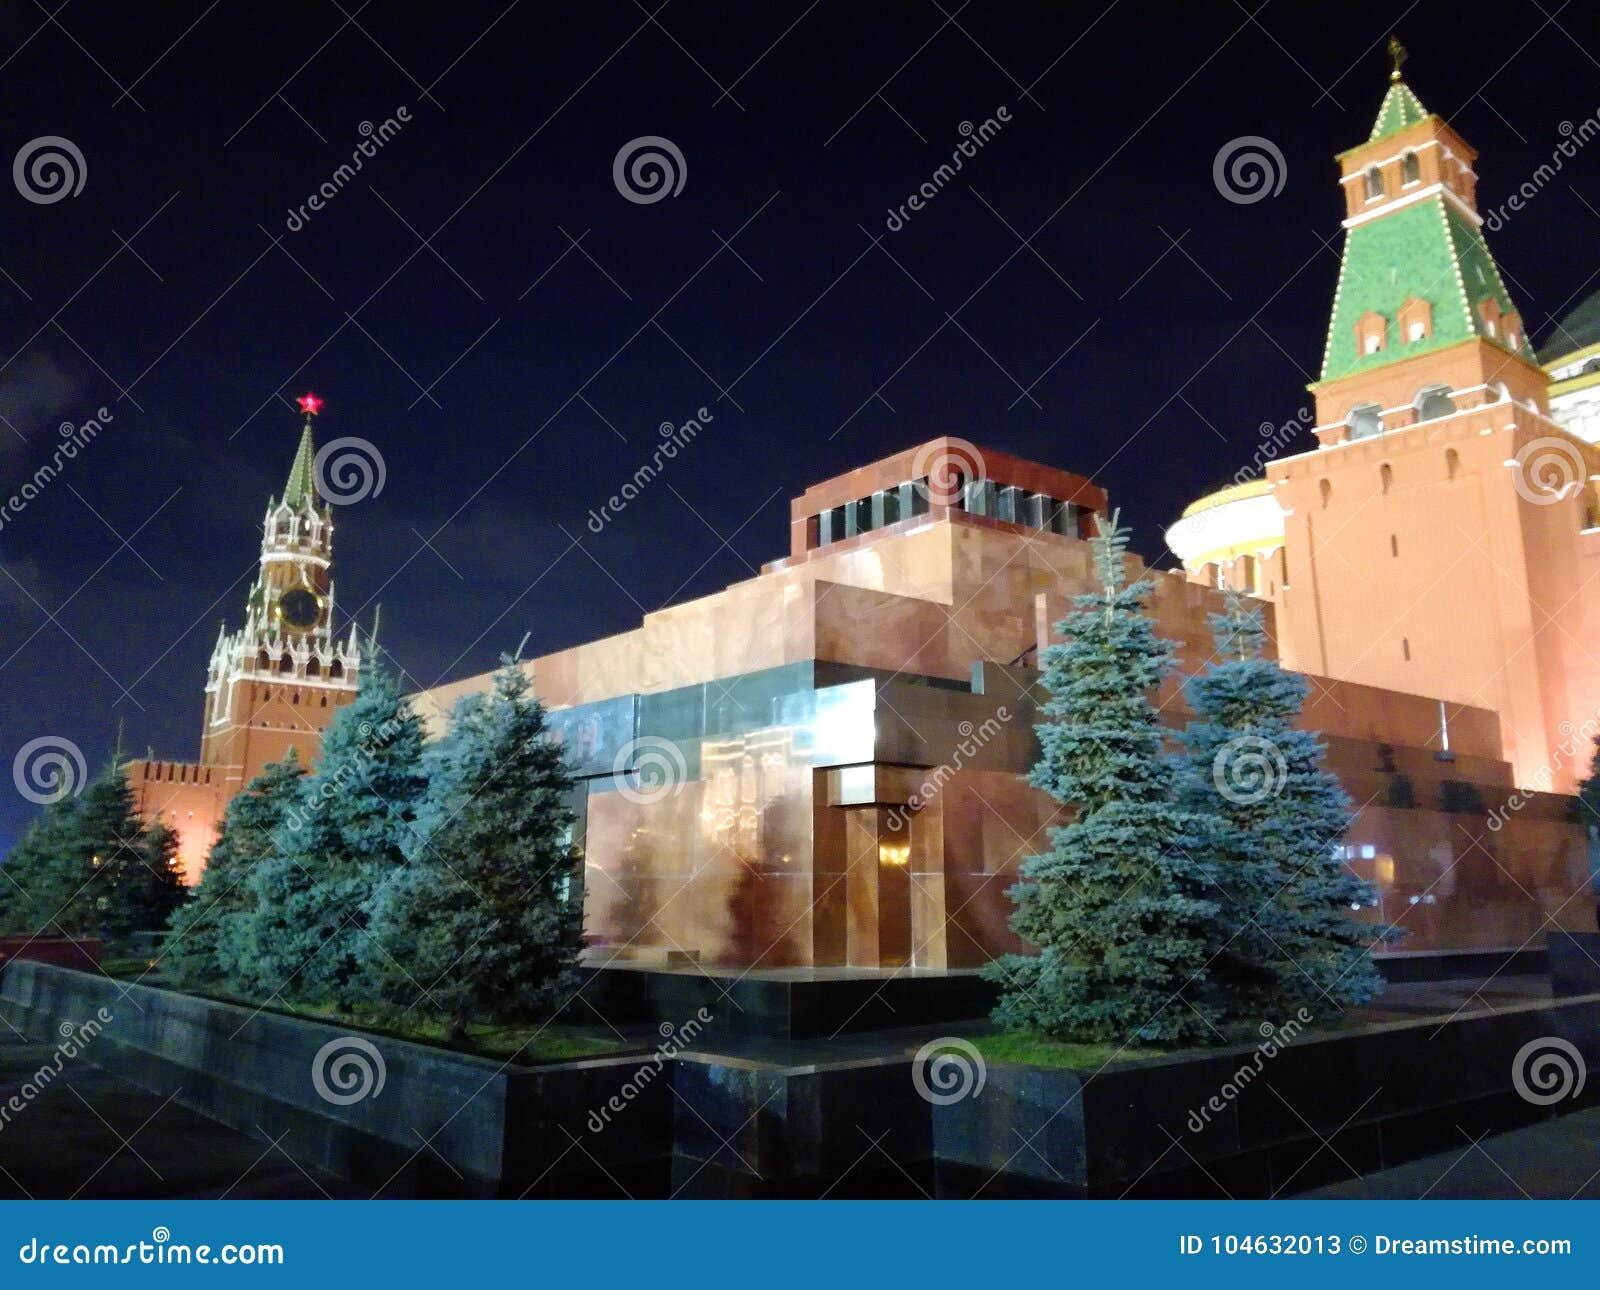 Download Rood Vierkant, Moskou, Rusland Redactionele Stock Foto - Afbeelding bestaande uit stad, mausoleum: 104632013